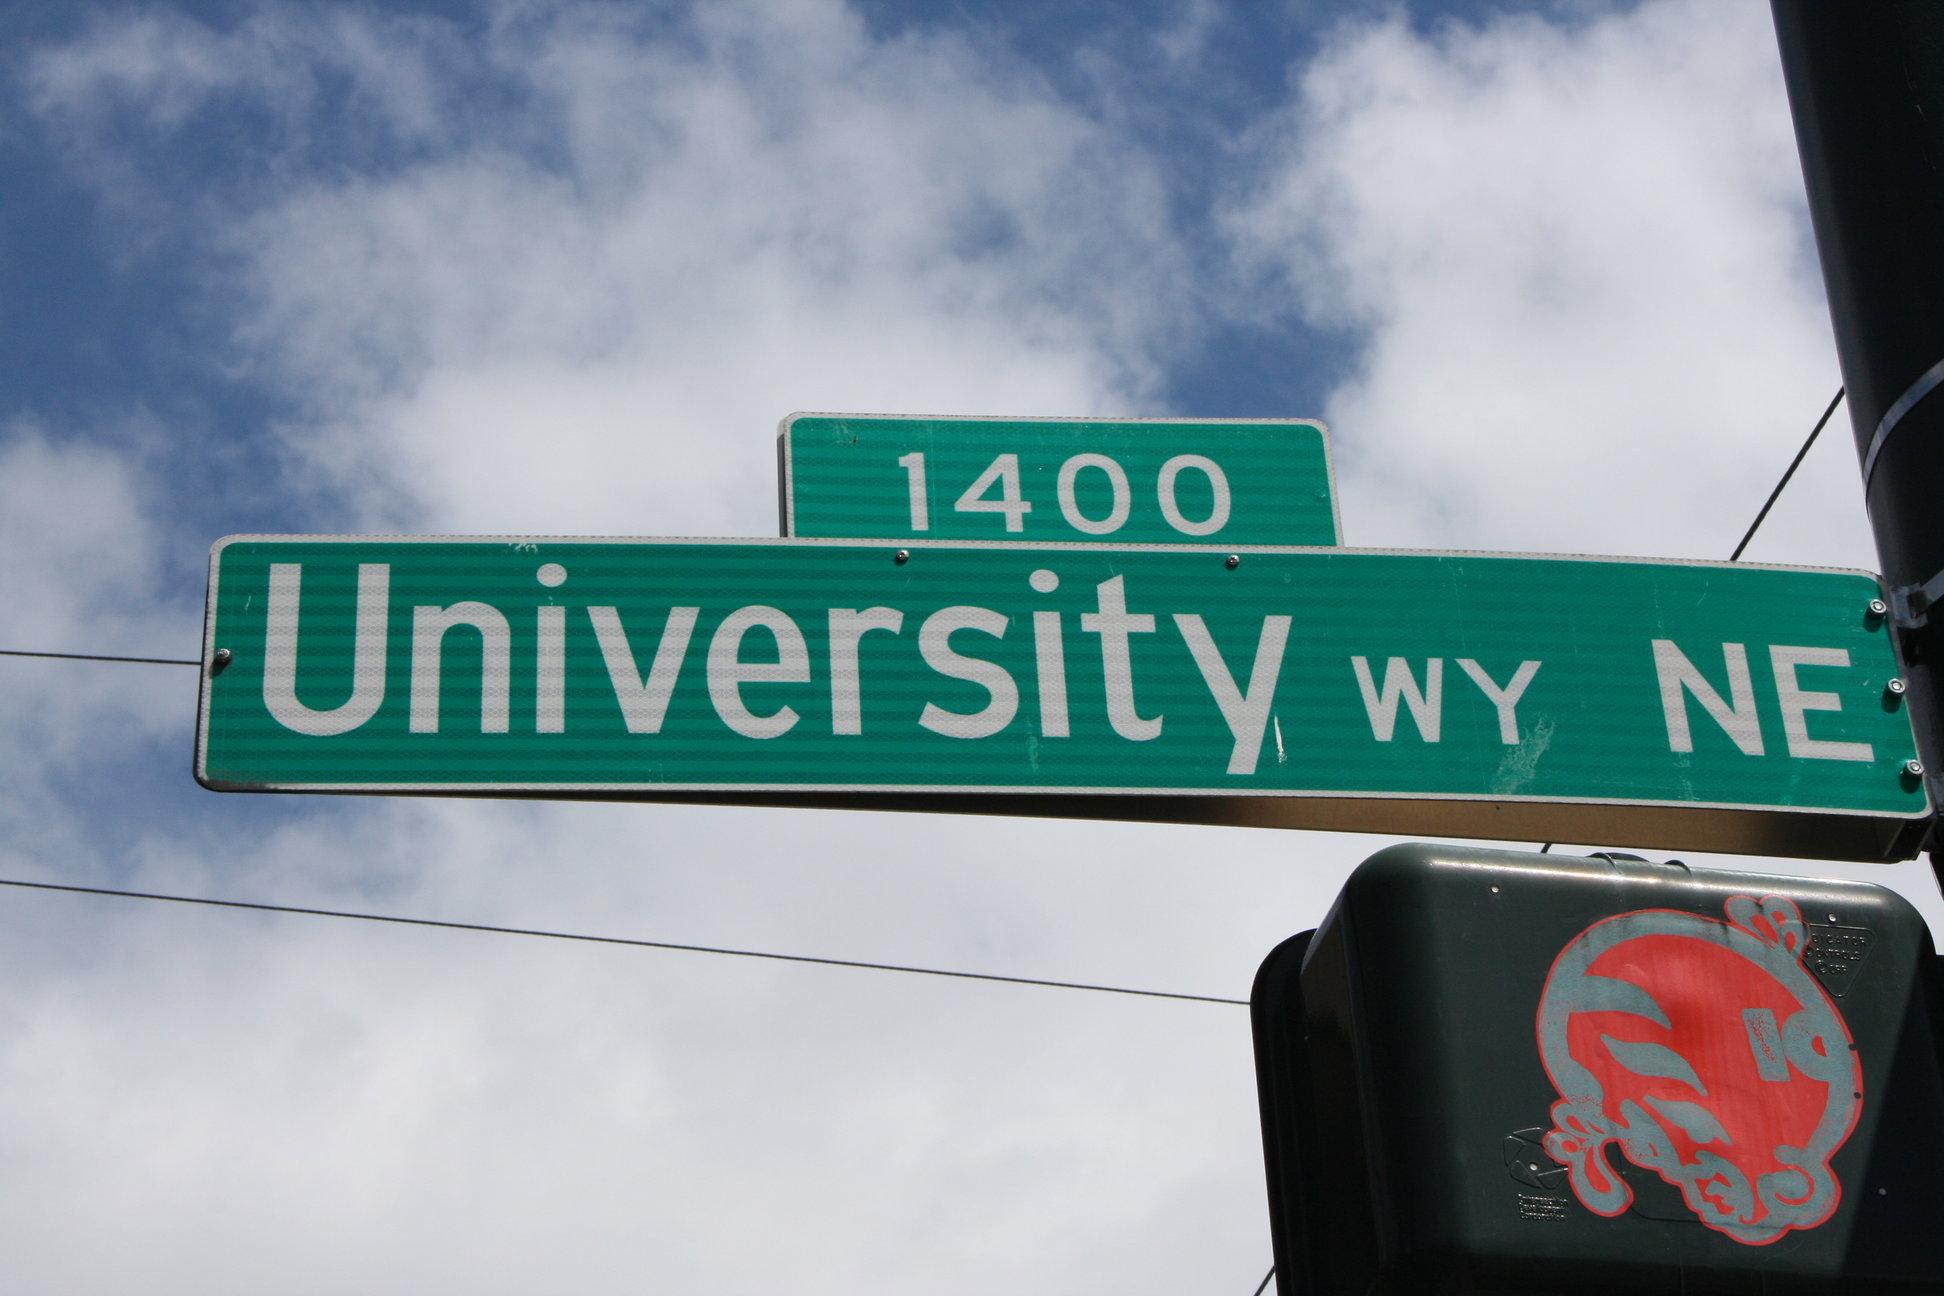 UW The Ave